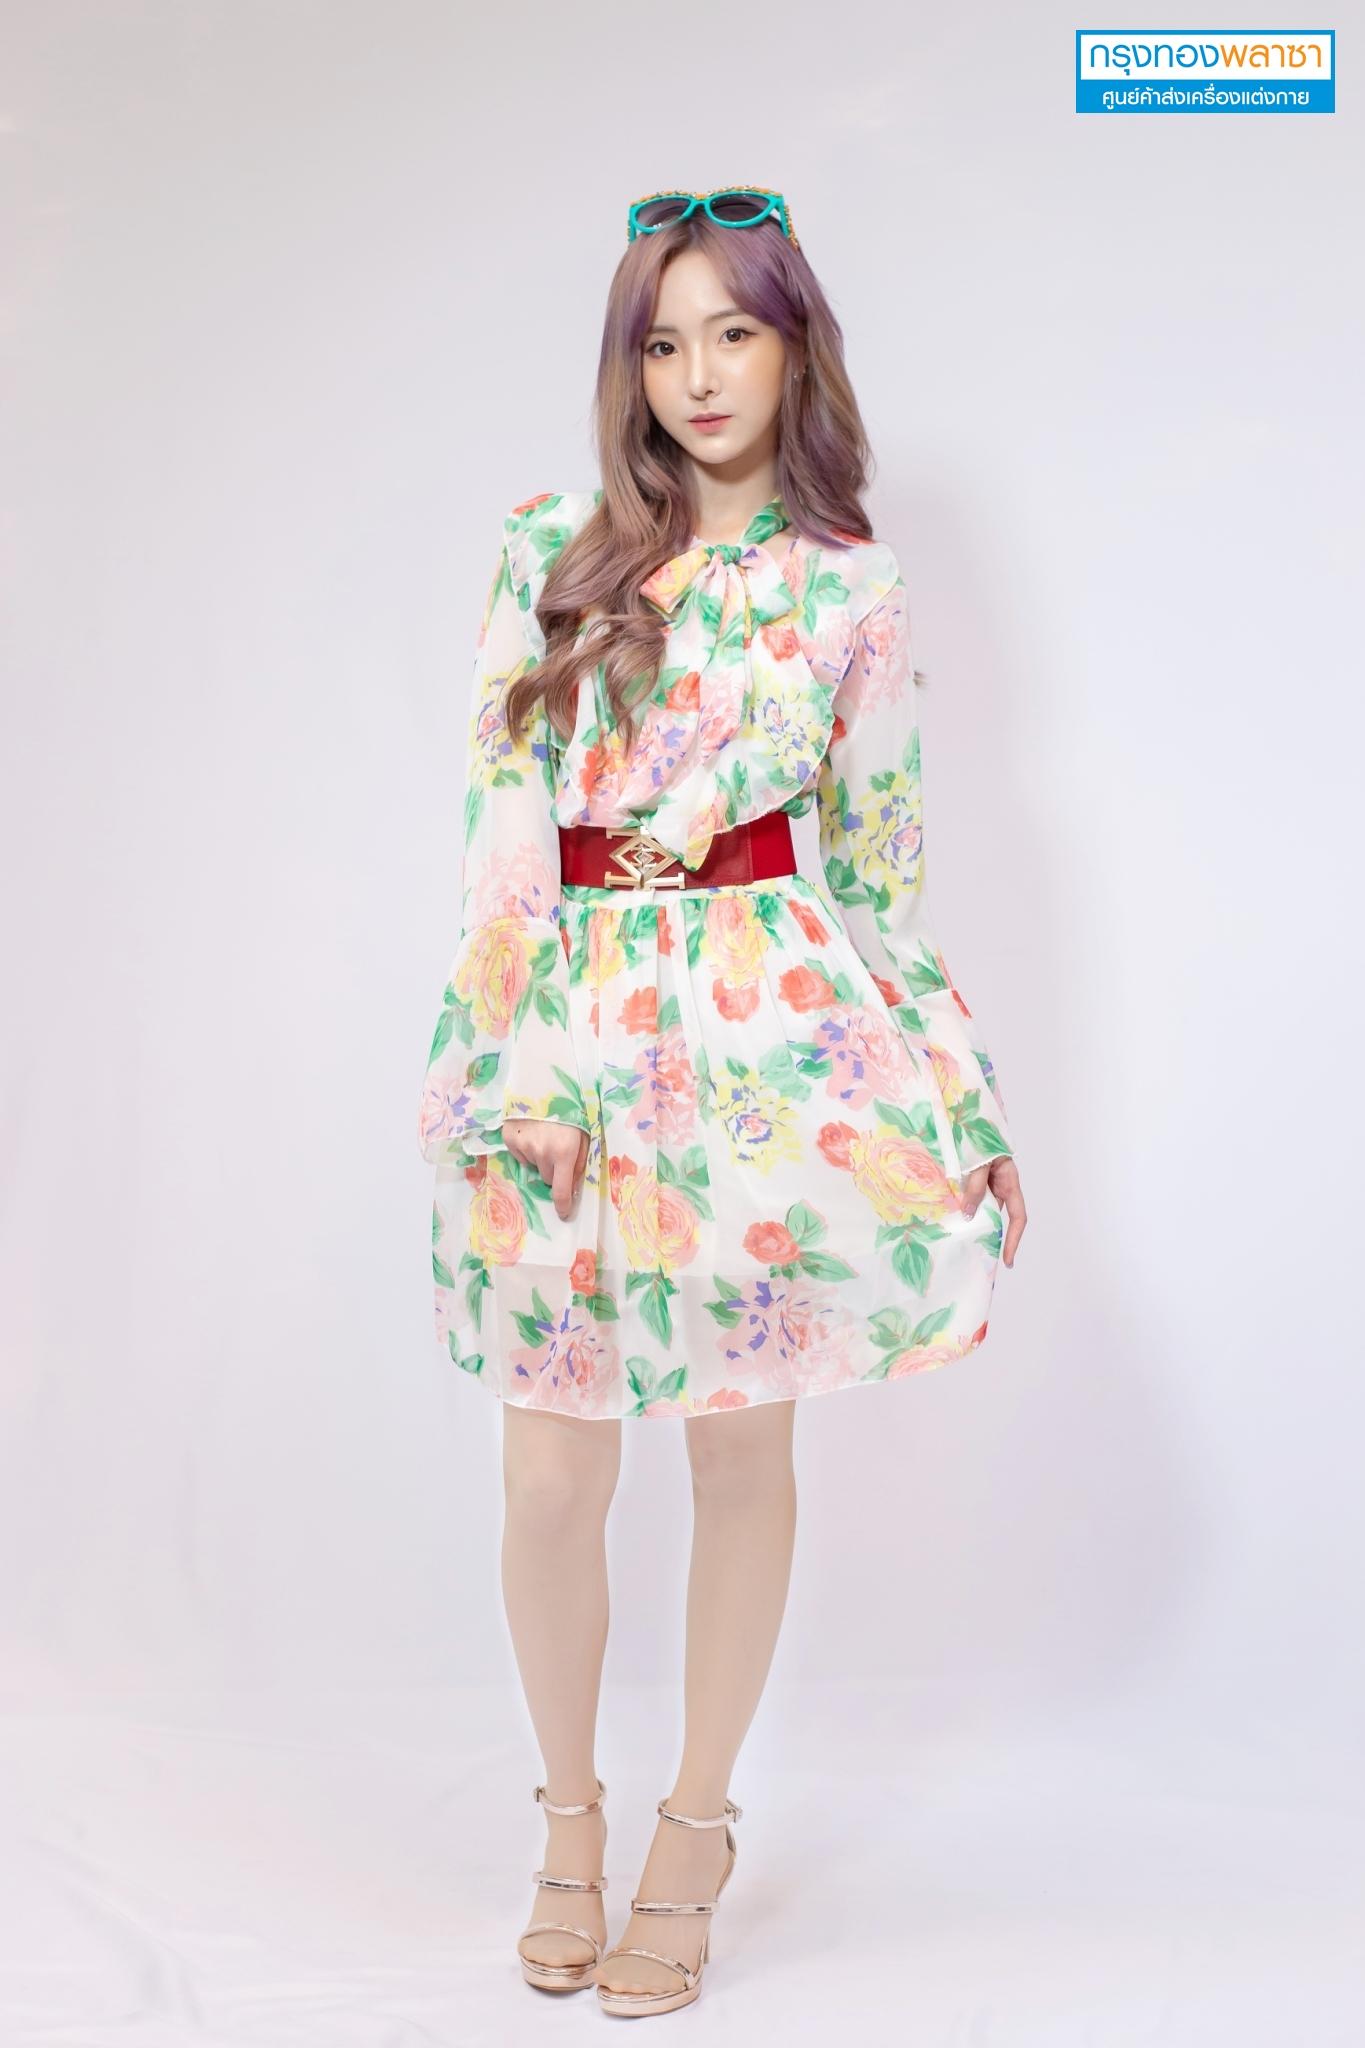 nene dress_๑๙๐๓๑๓_0020